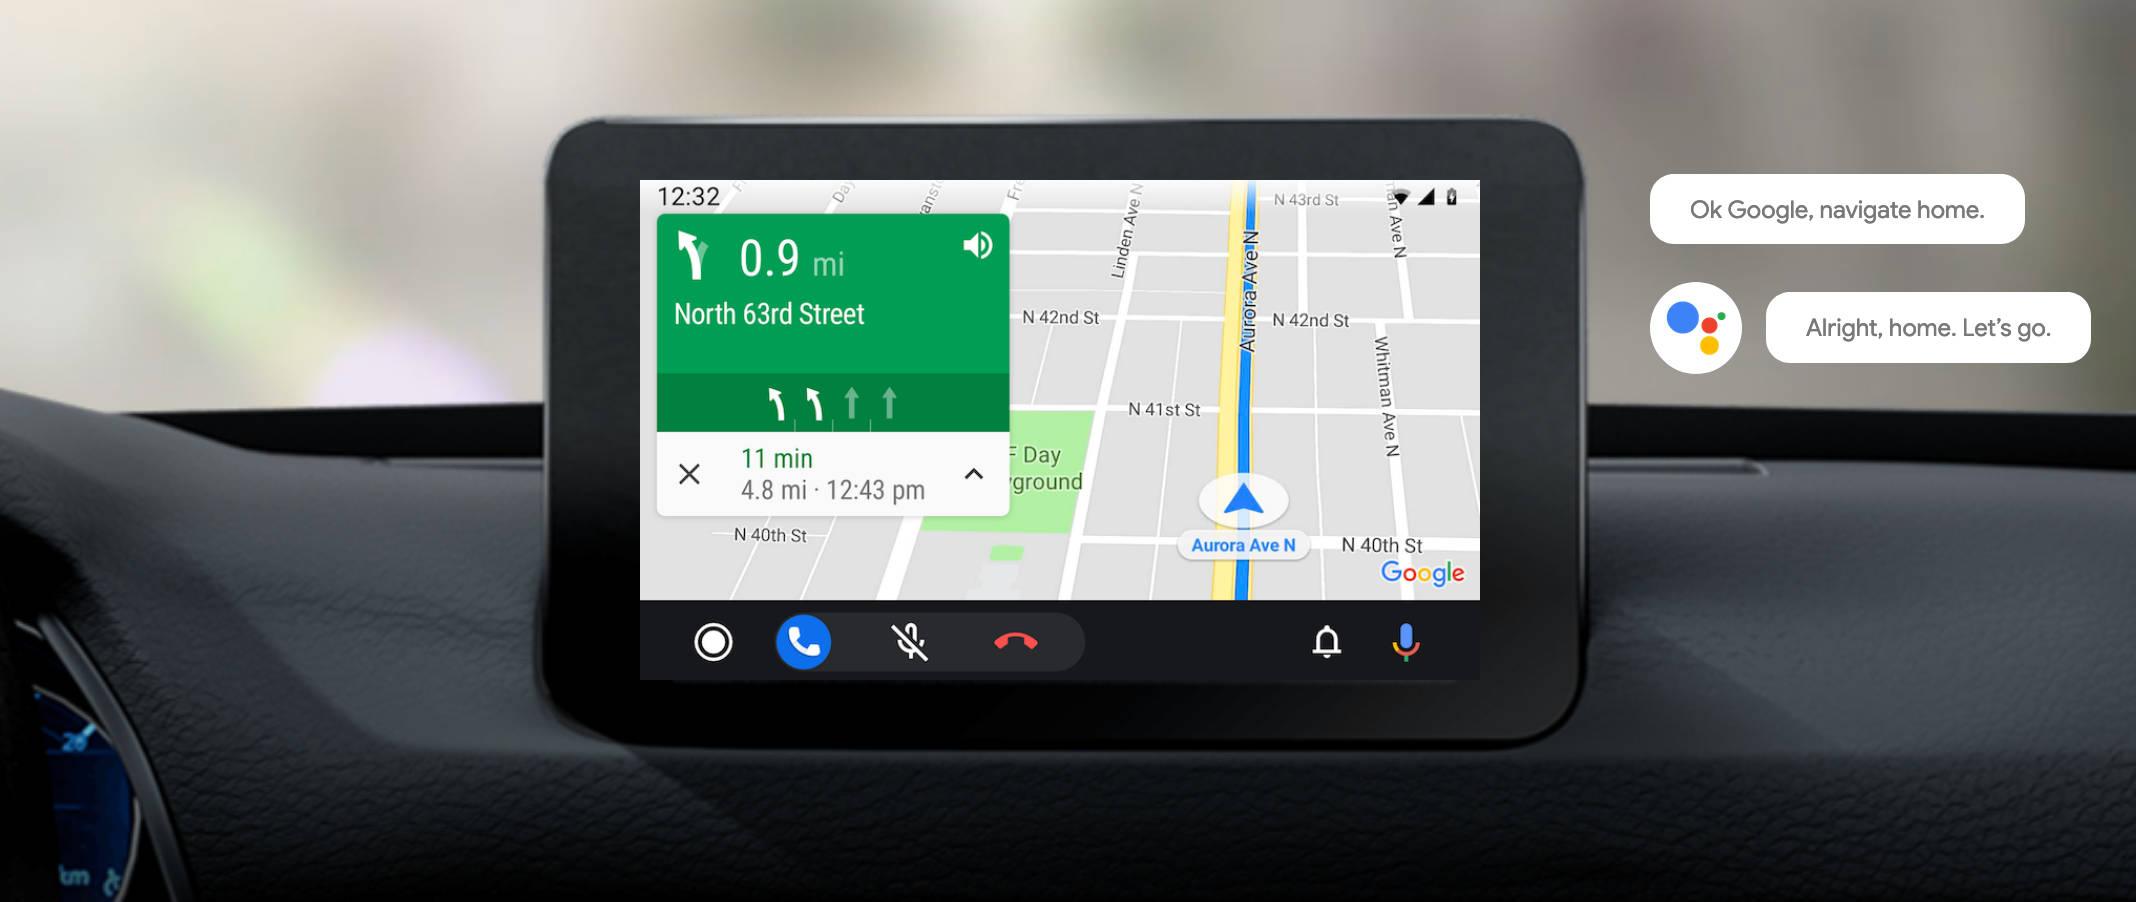 bezprzewodowe Android Auto Wireless Samsung Galaxy S10 S9 jak włączyć jak to działa Google